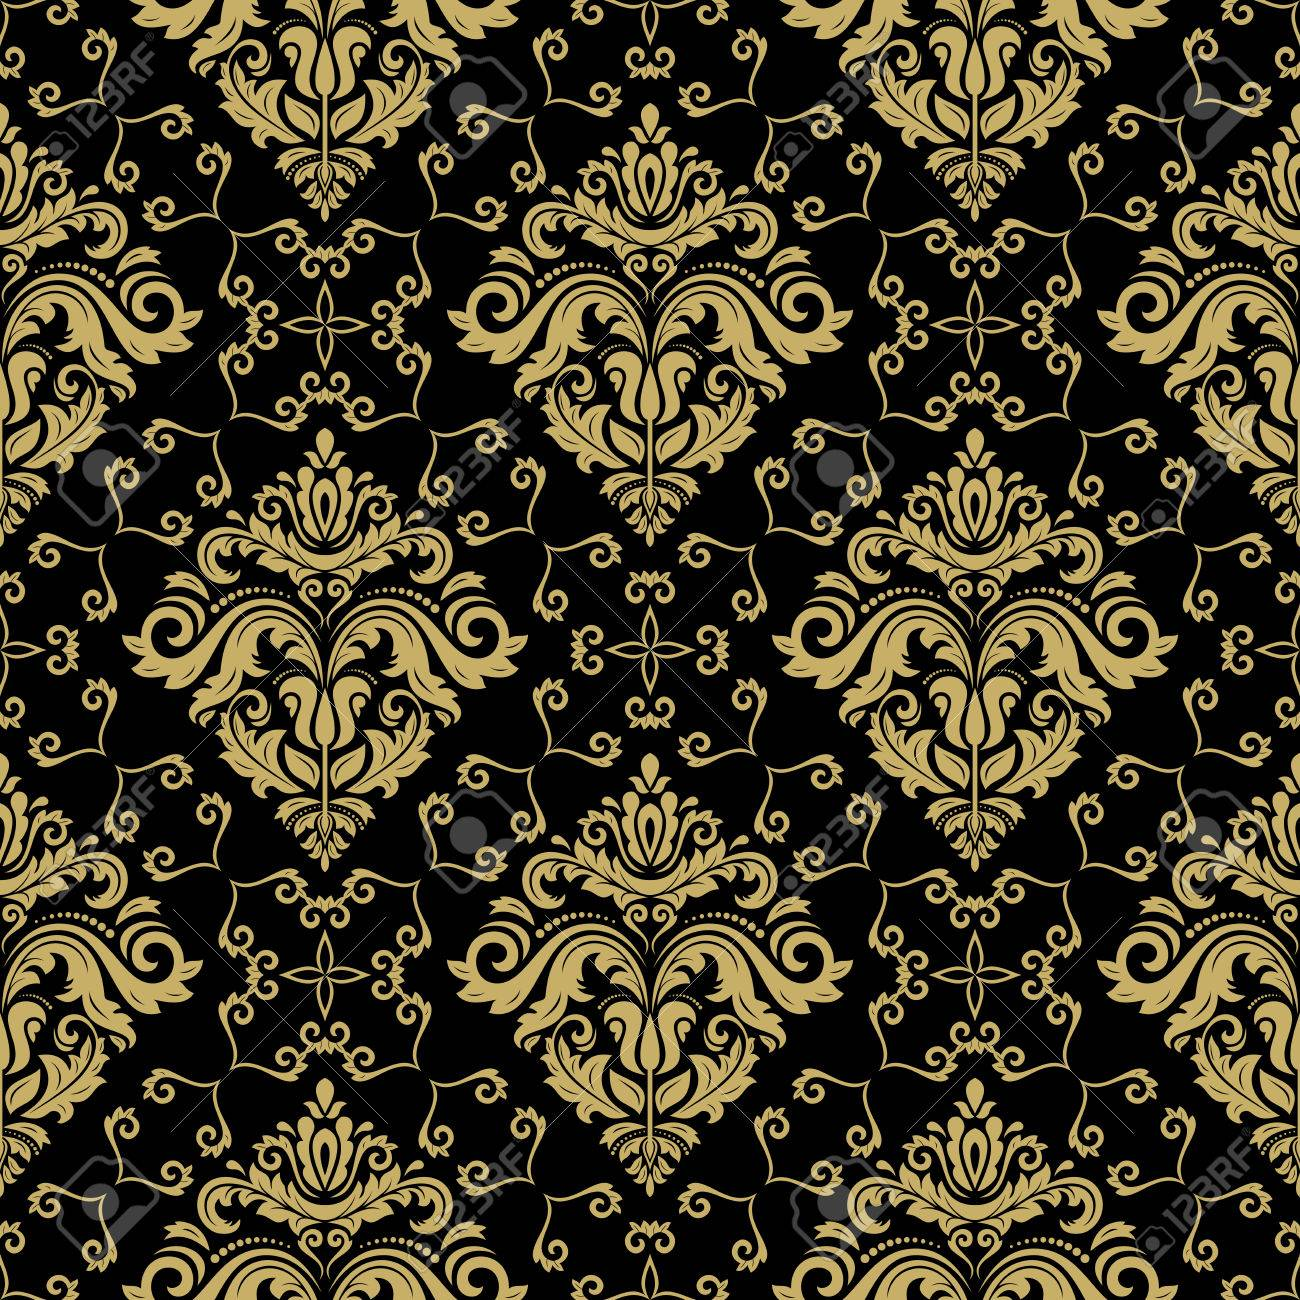 Carta Da Parati Stile Barocco.Immagini Stock Carta Da Parati Senza Soluzione Di Continuita In Stile Barocco Modello Tradizionale Sfondo Nero E Dorato Orientale Classic Image 58321318